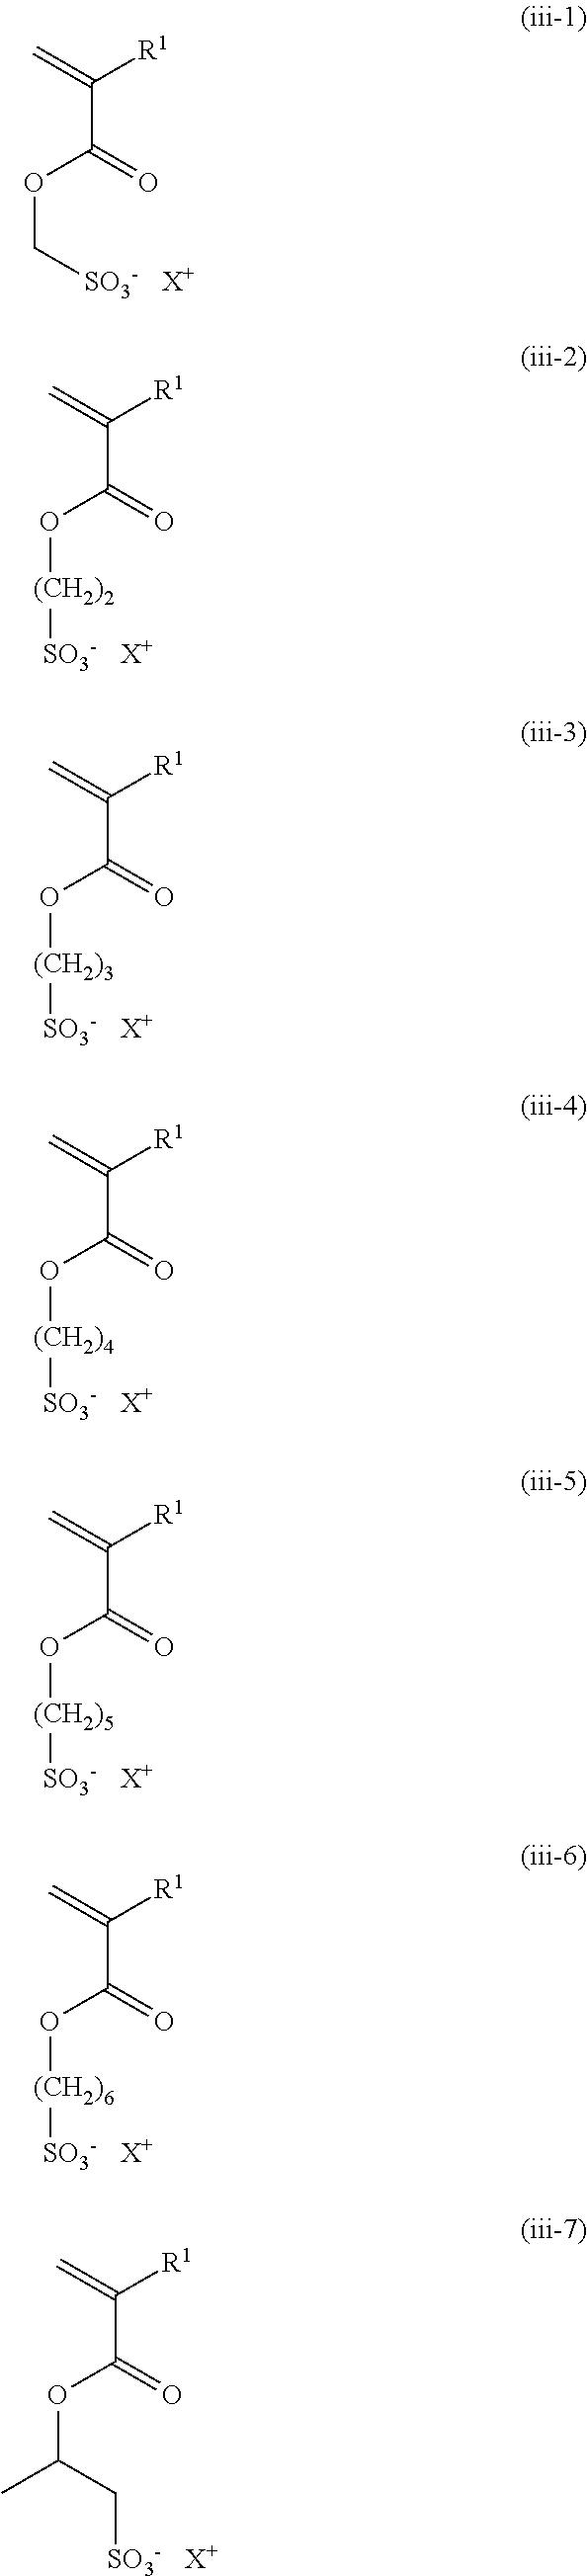 Figure US08507575-20130813-C00032